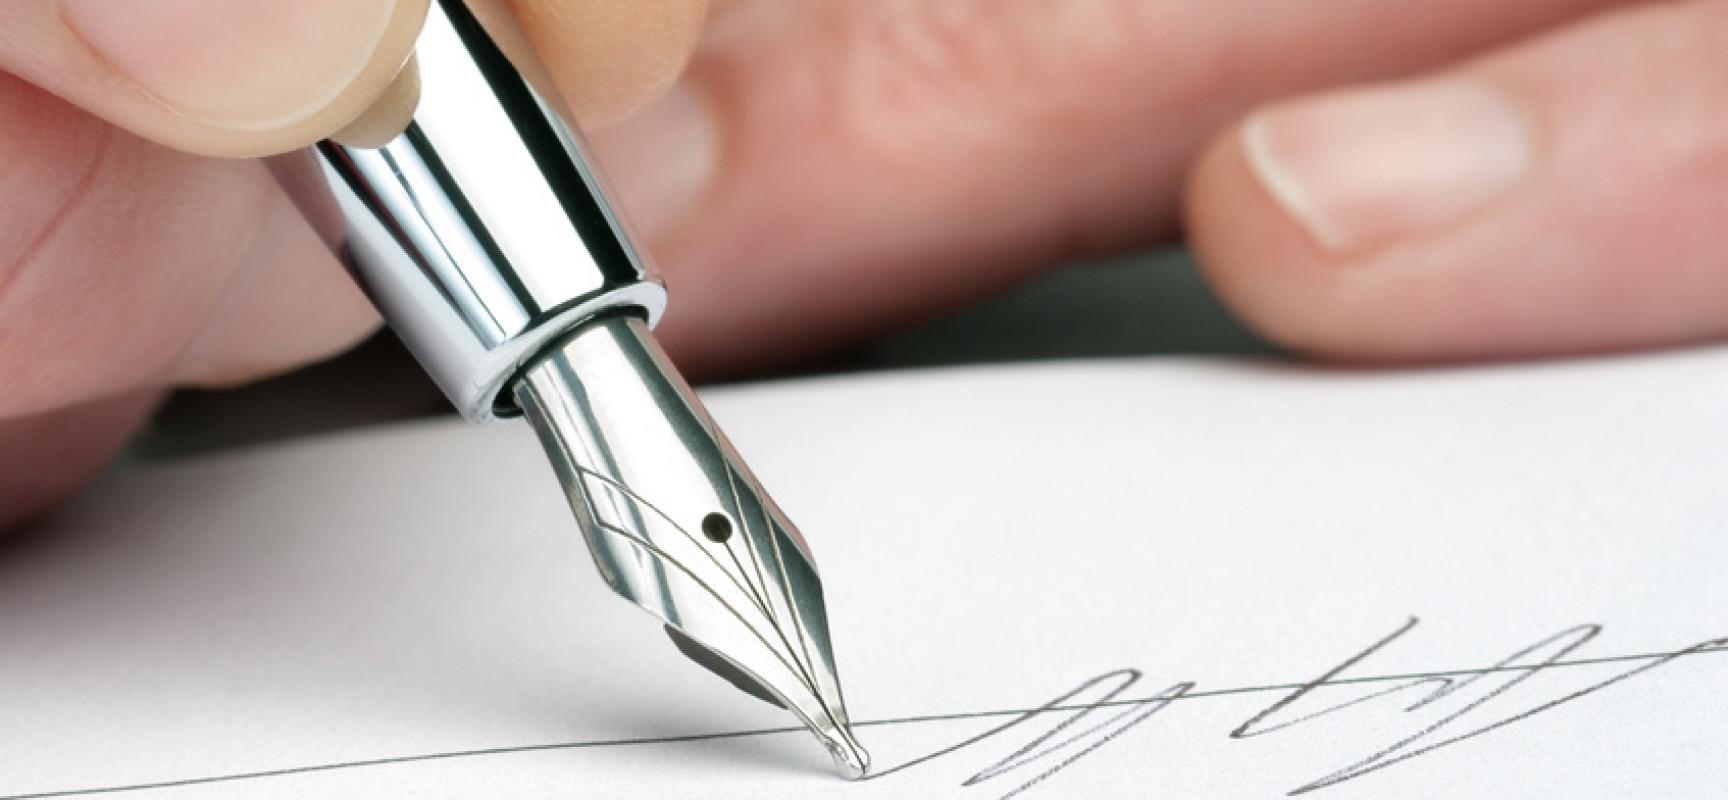 Срок отправки исполнительного листа при увольнении